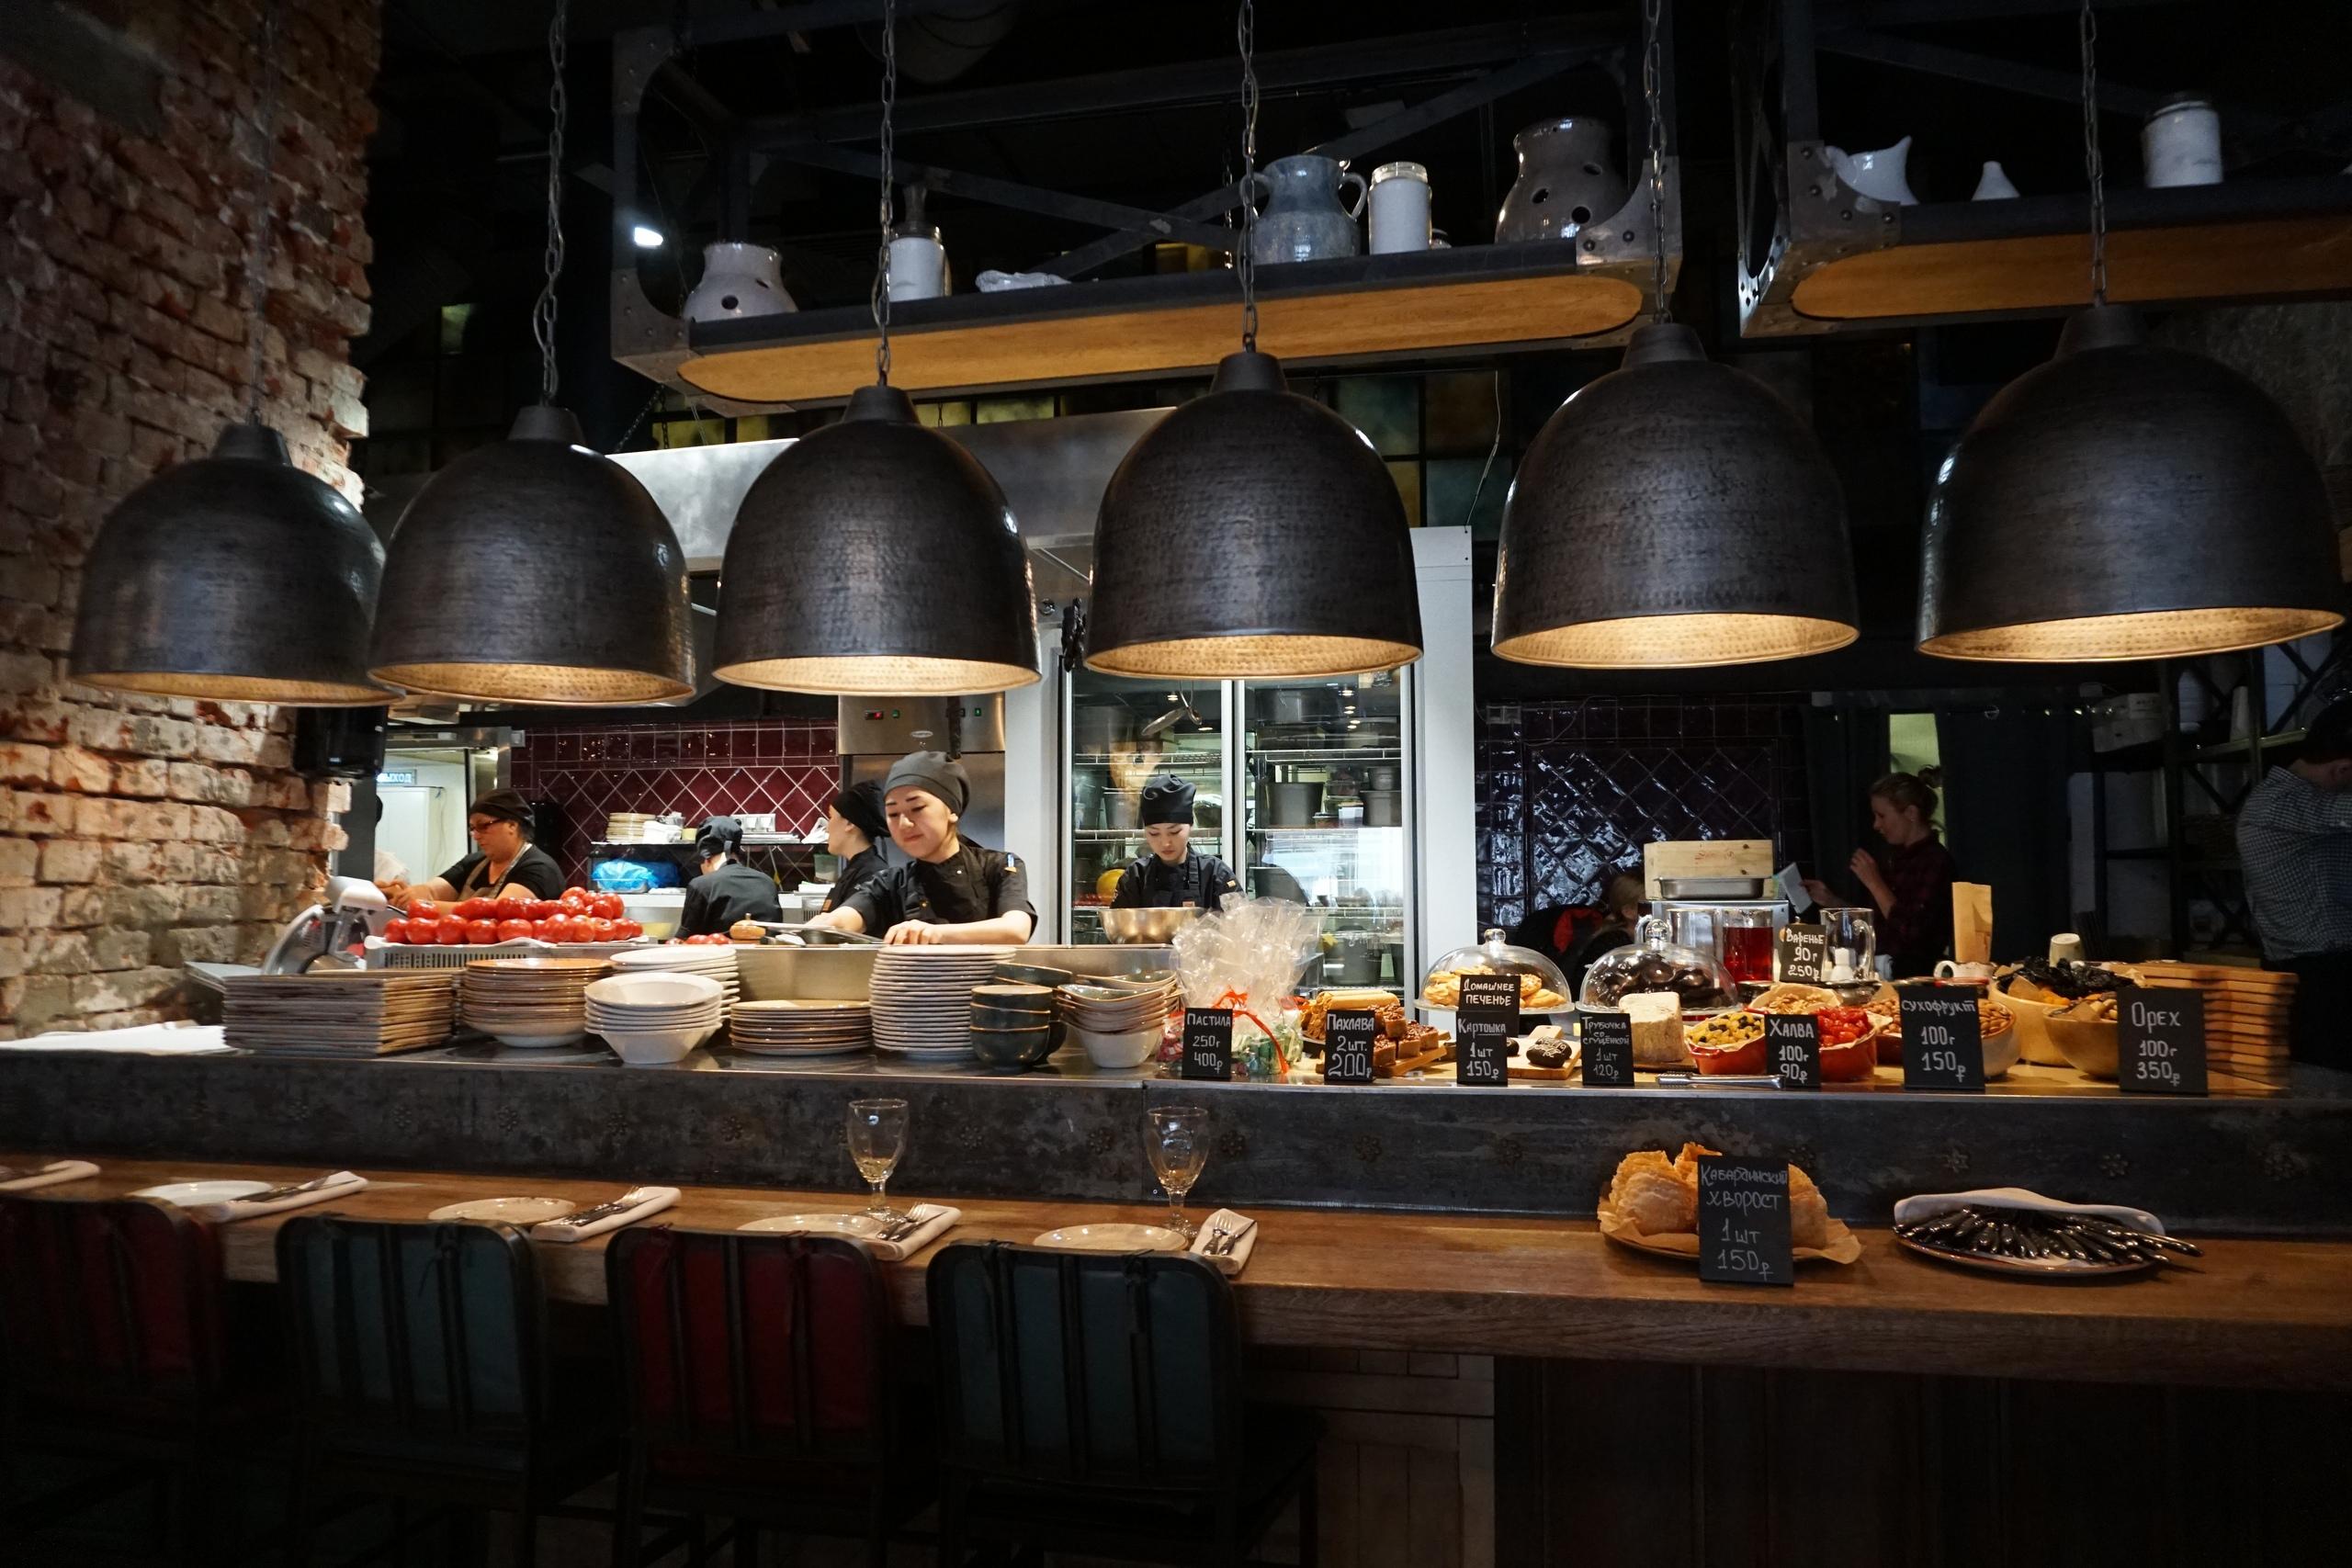 """Ресторан кавказской кухни """"5642 Высота"""" - ресторан, в котором нет выбора"""